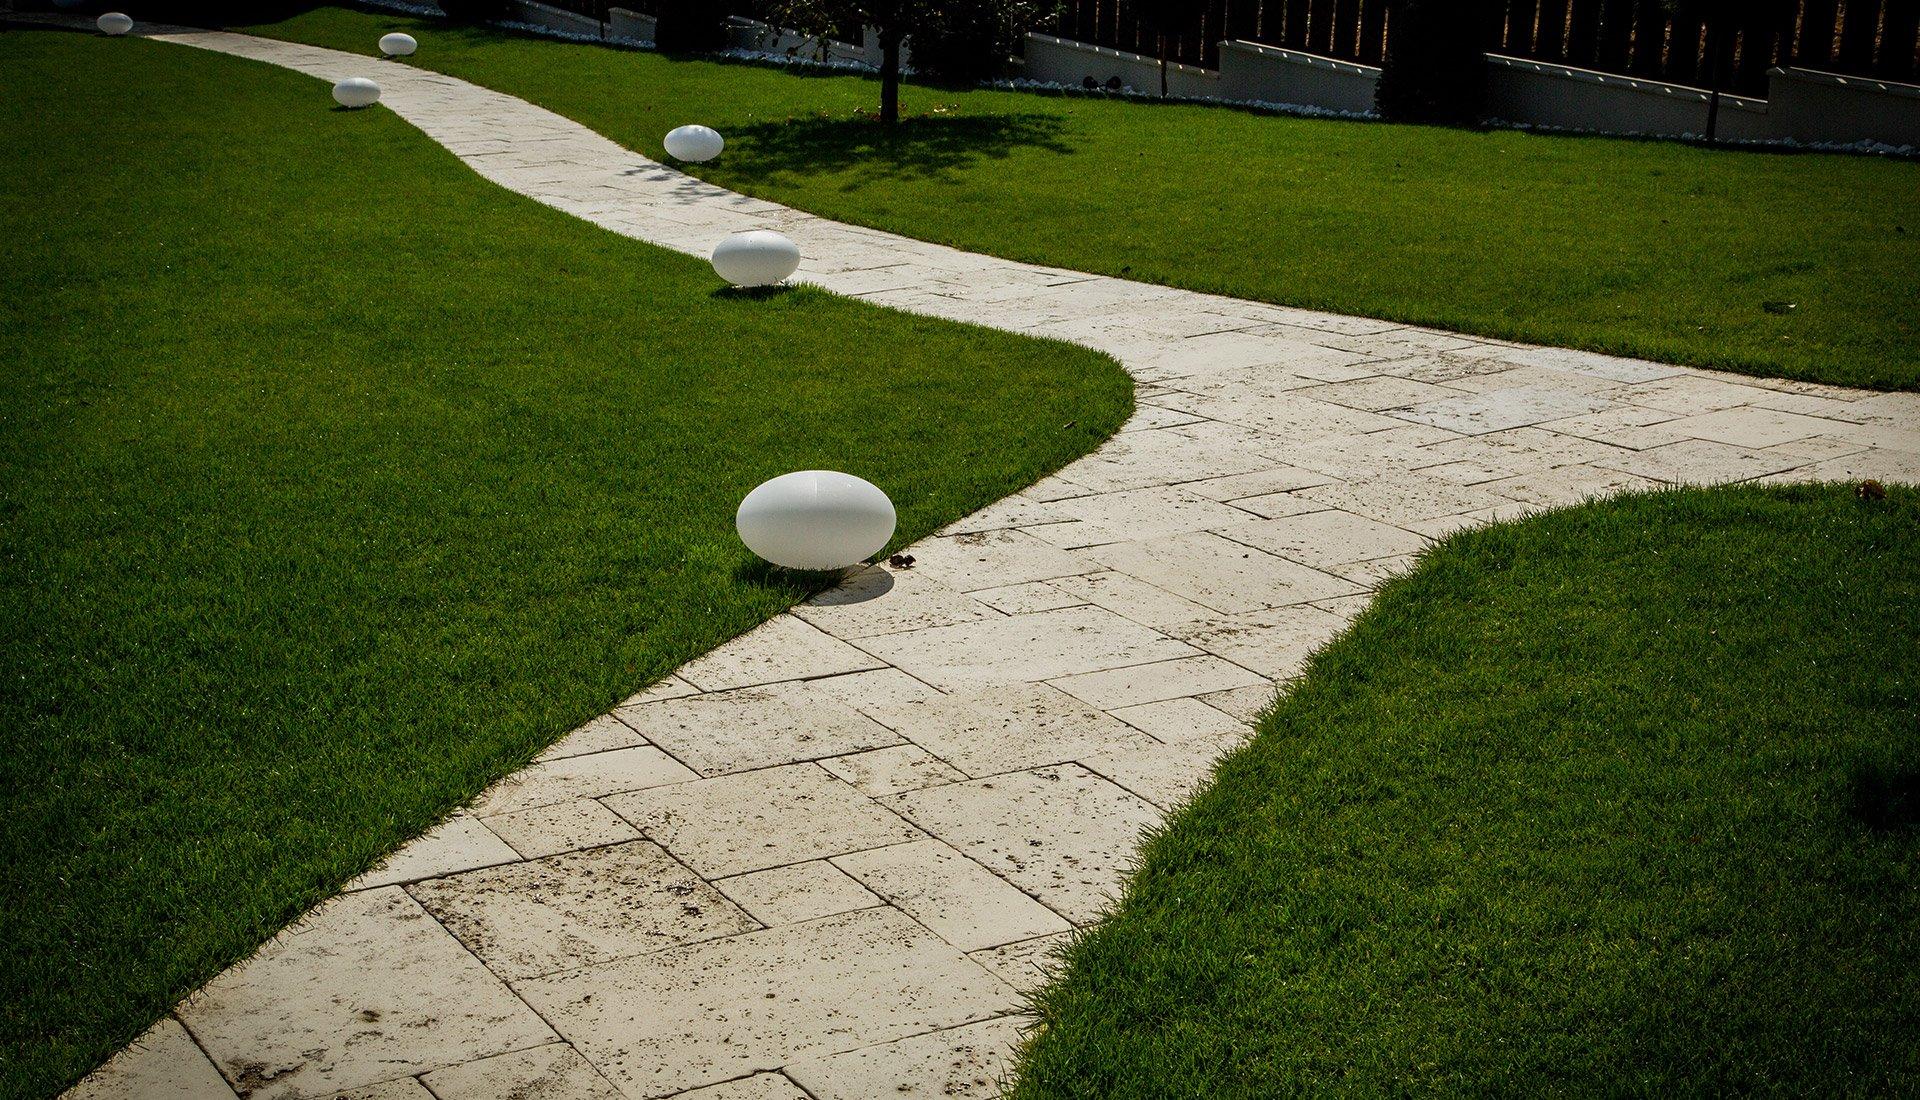 Dale de pavaj modulare cu textură travertin cross cut - Arvore